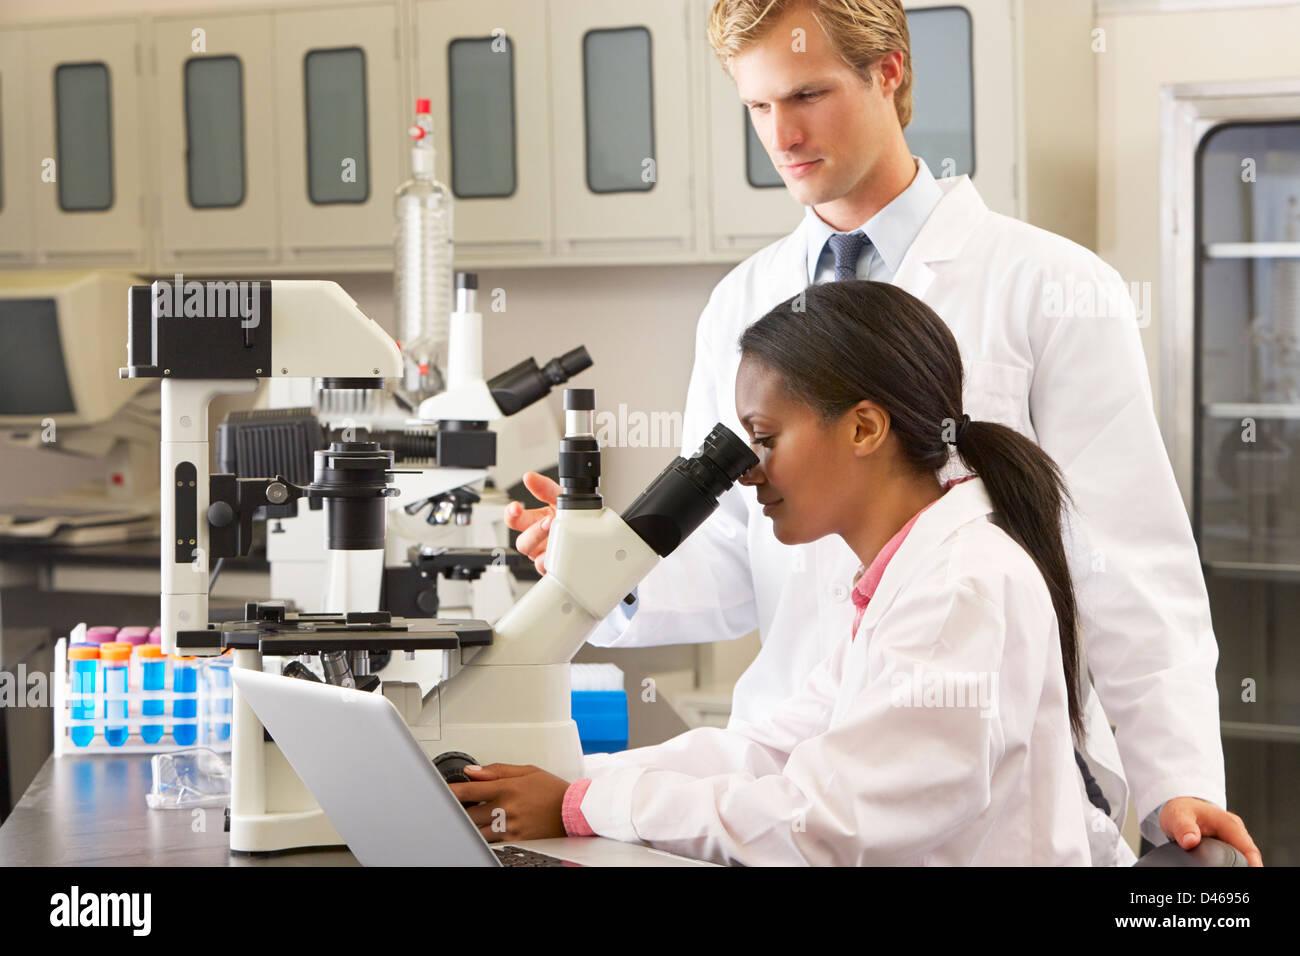 Varón y hembra los científicos usando microscopios en el laboratorio Imagen De Stock